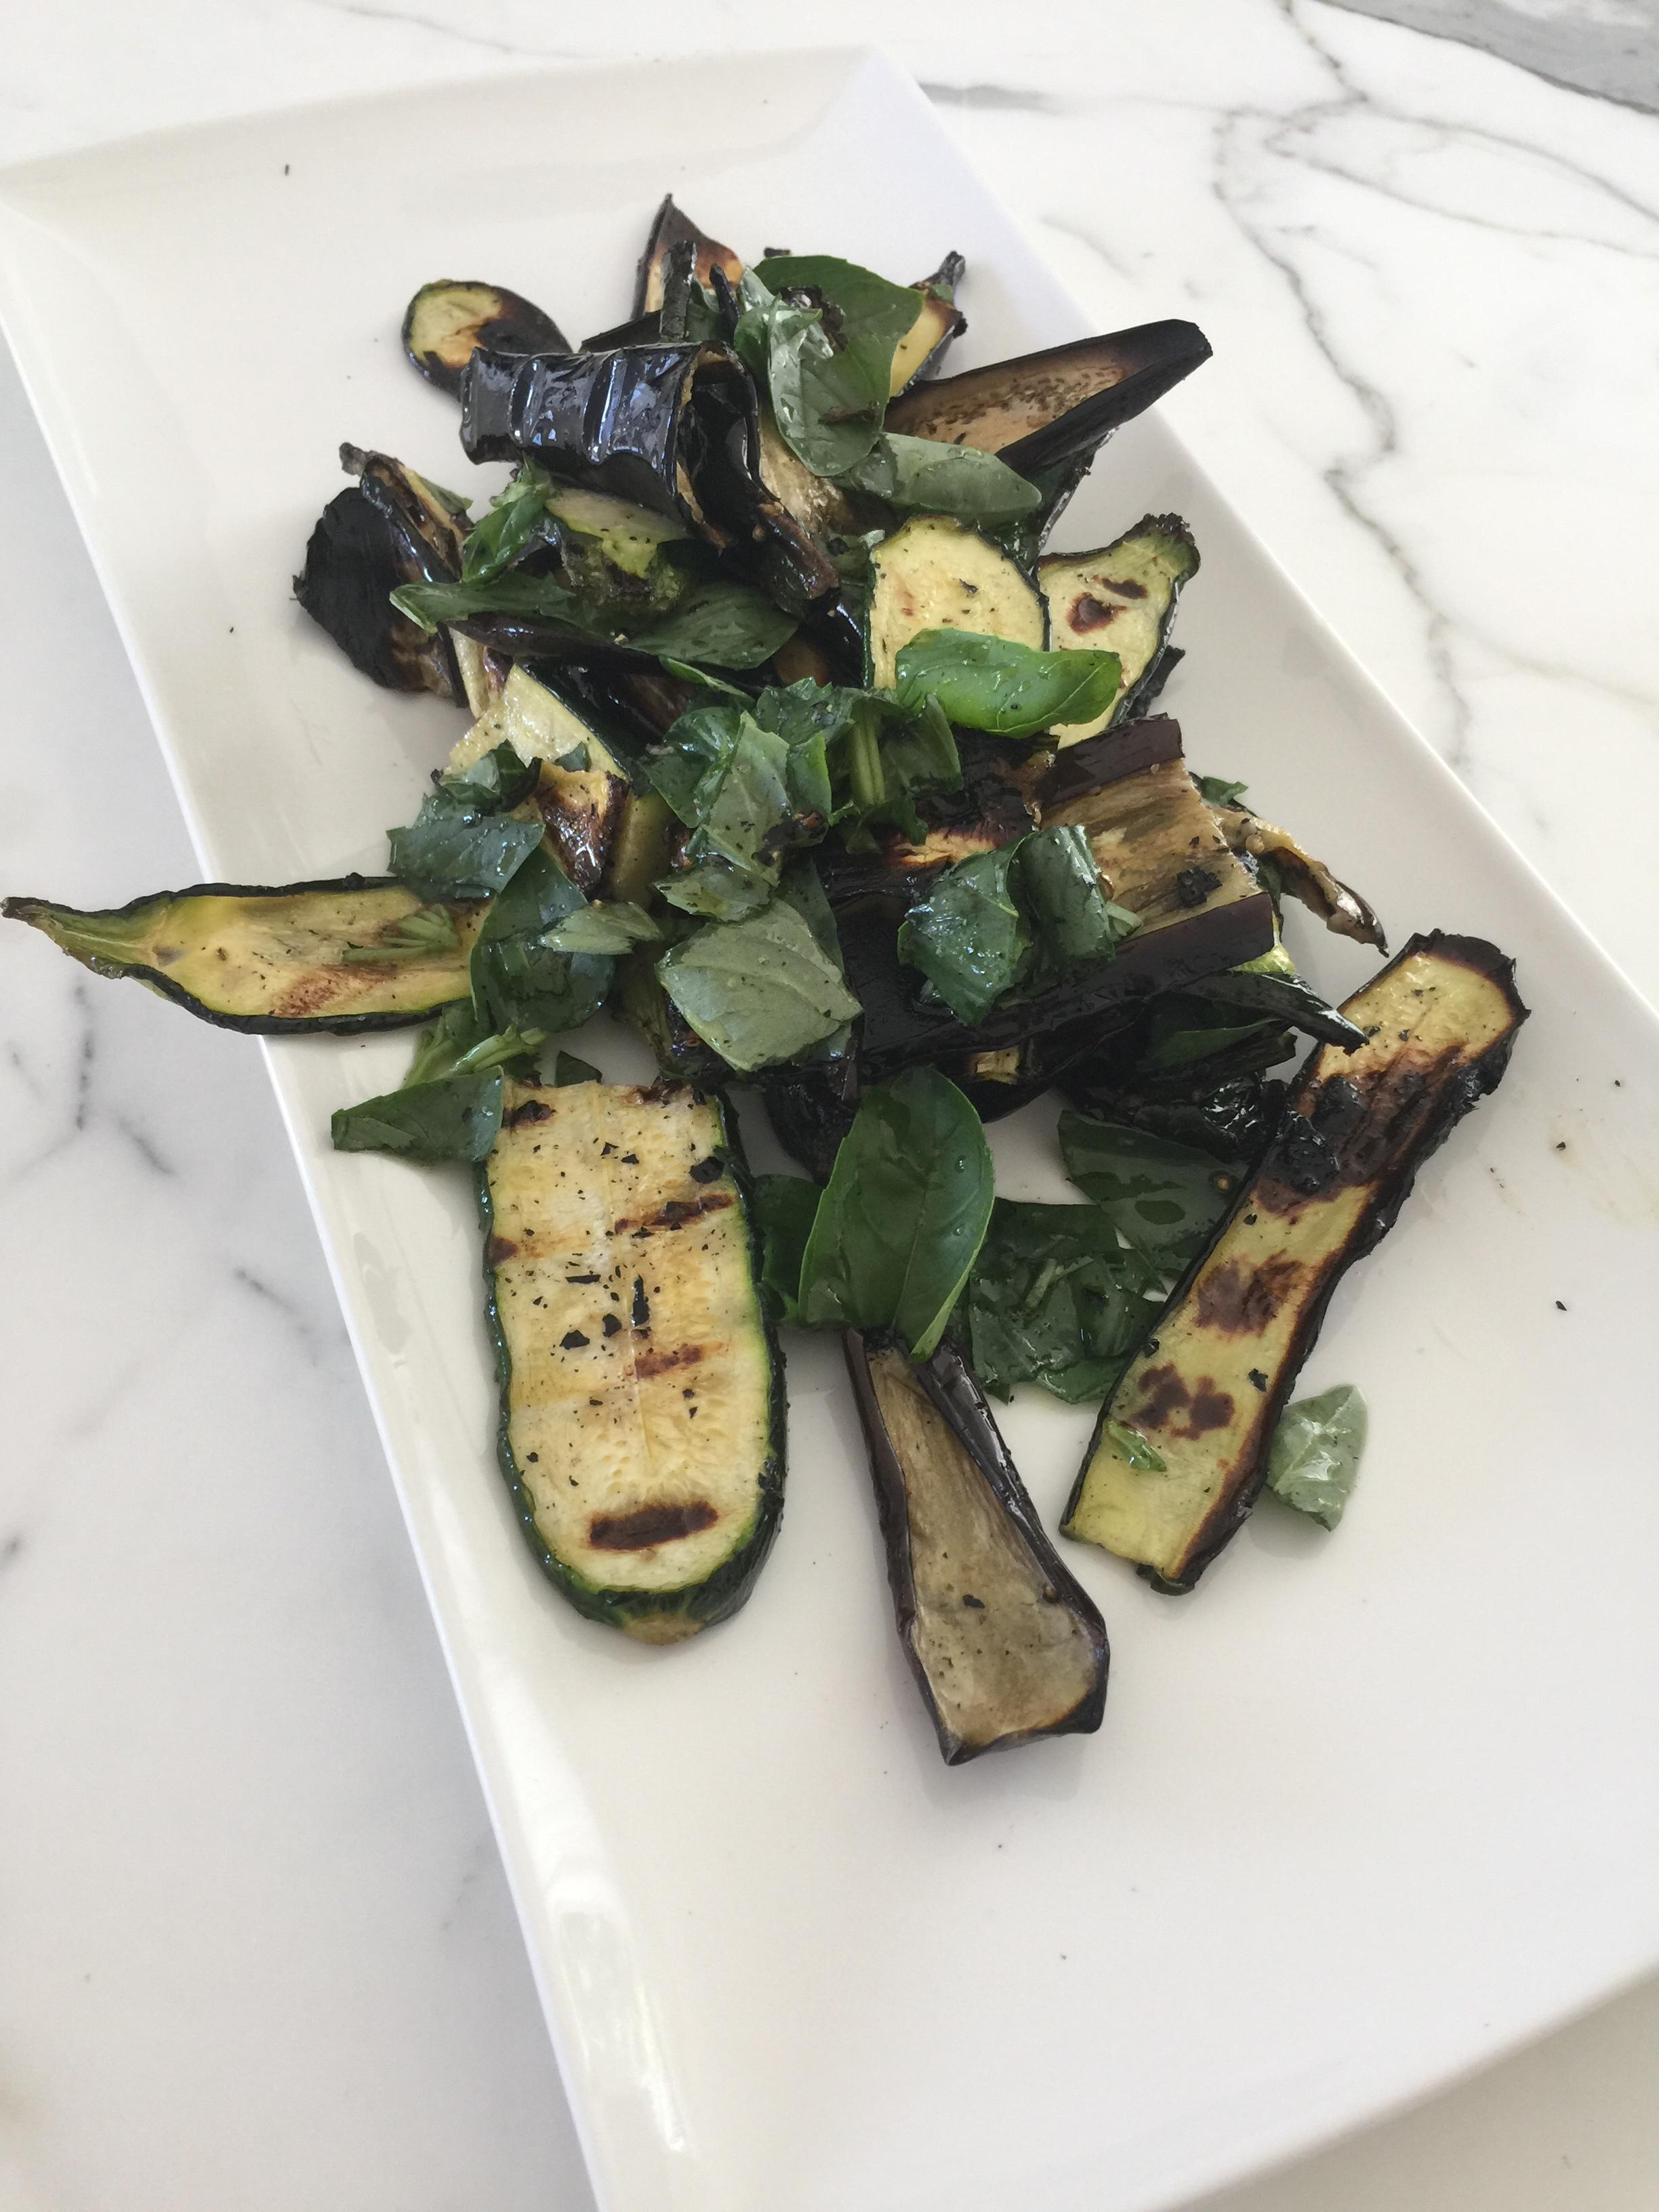 Zucchini and eggplant 🌿